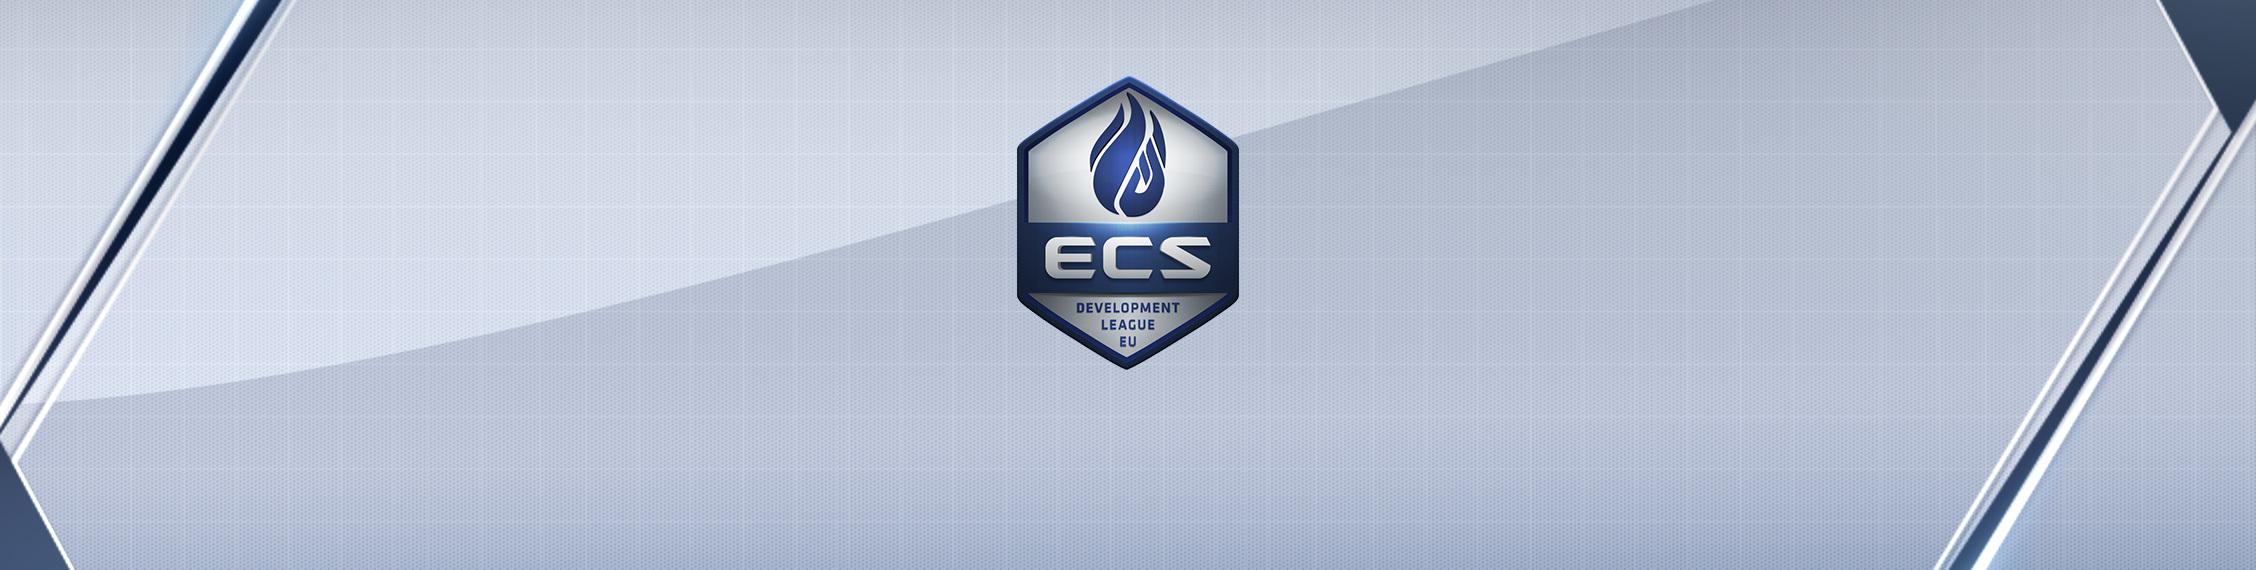 ECS S3 - Europe Development League